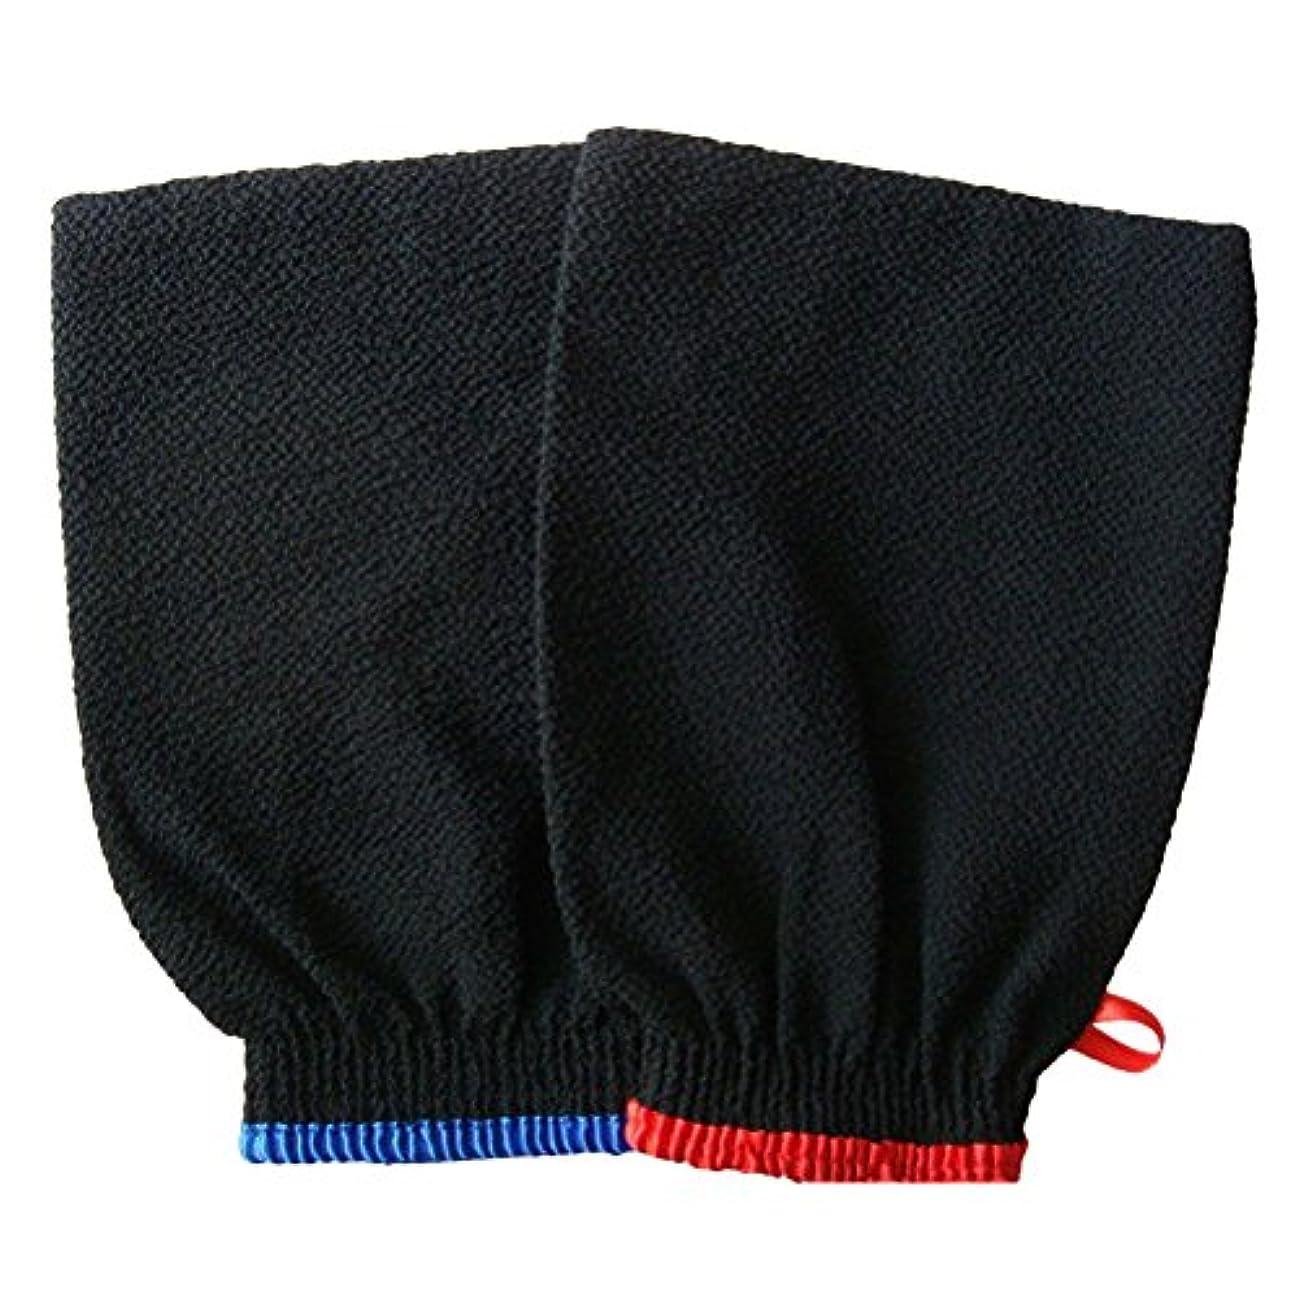 ゴミ箱を空にするペイント盗難ROSENICE エクスフォリエイティングバス手袋シャワー浴室スキンフェイスボディウォッシュマッサージミット男性女性2PCS(ランダムエッジカラー)